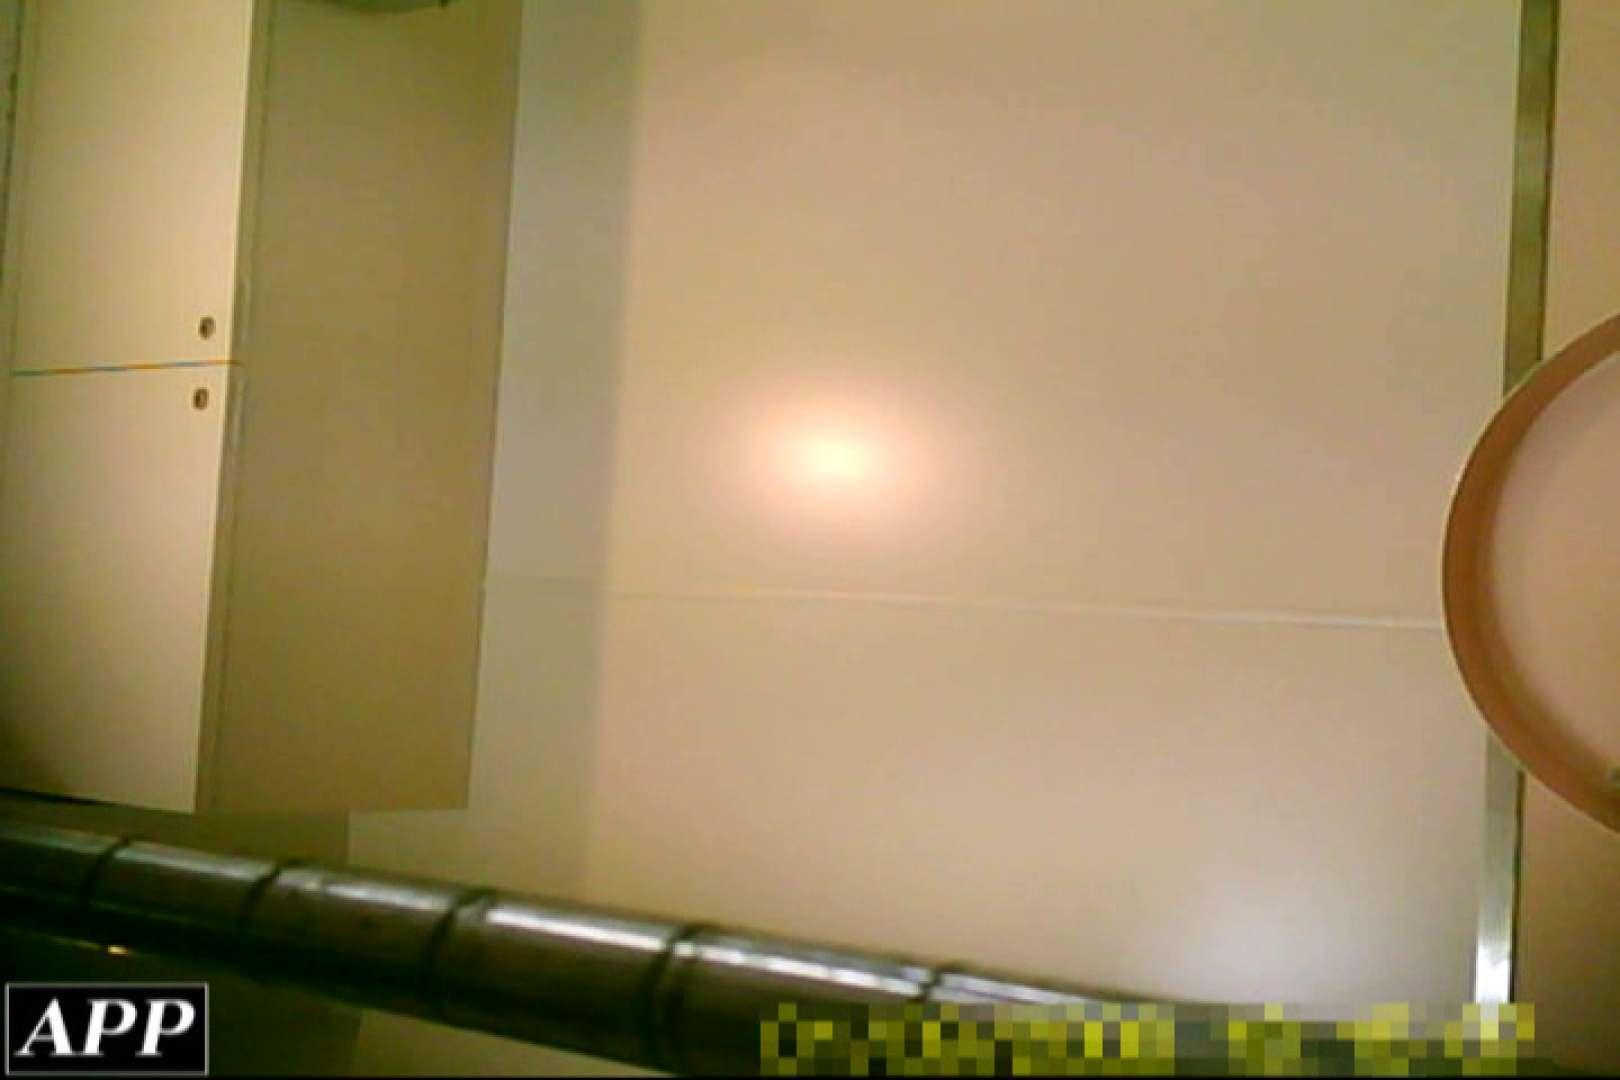 3視点洗面所 vol.37 OLのボディ オマンコ無修正動画無料 79PIX 74